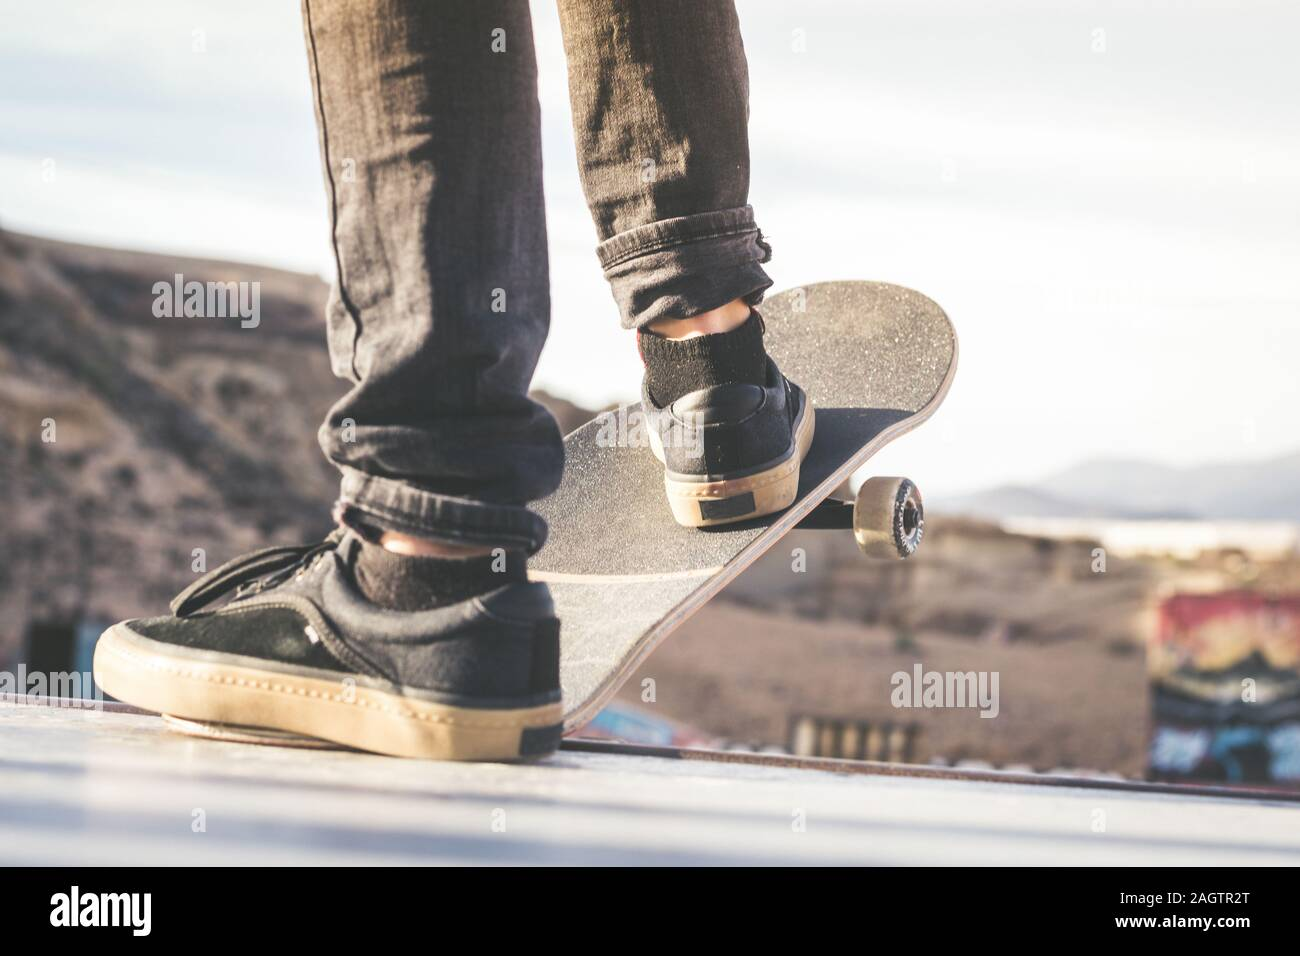 Vista de cerca de los pies del adolescente en un monopatín listo para iniciar un viaje en el half pipe. Skater comenzando saltos y trucos en el parque de skate. Let's go en Foto de stock